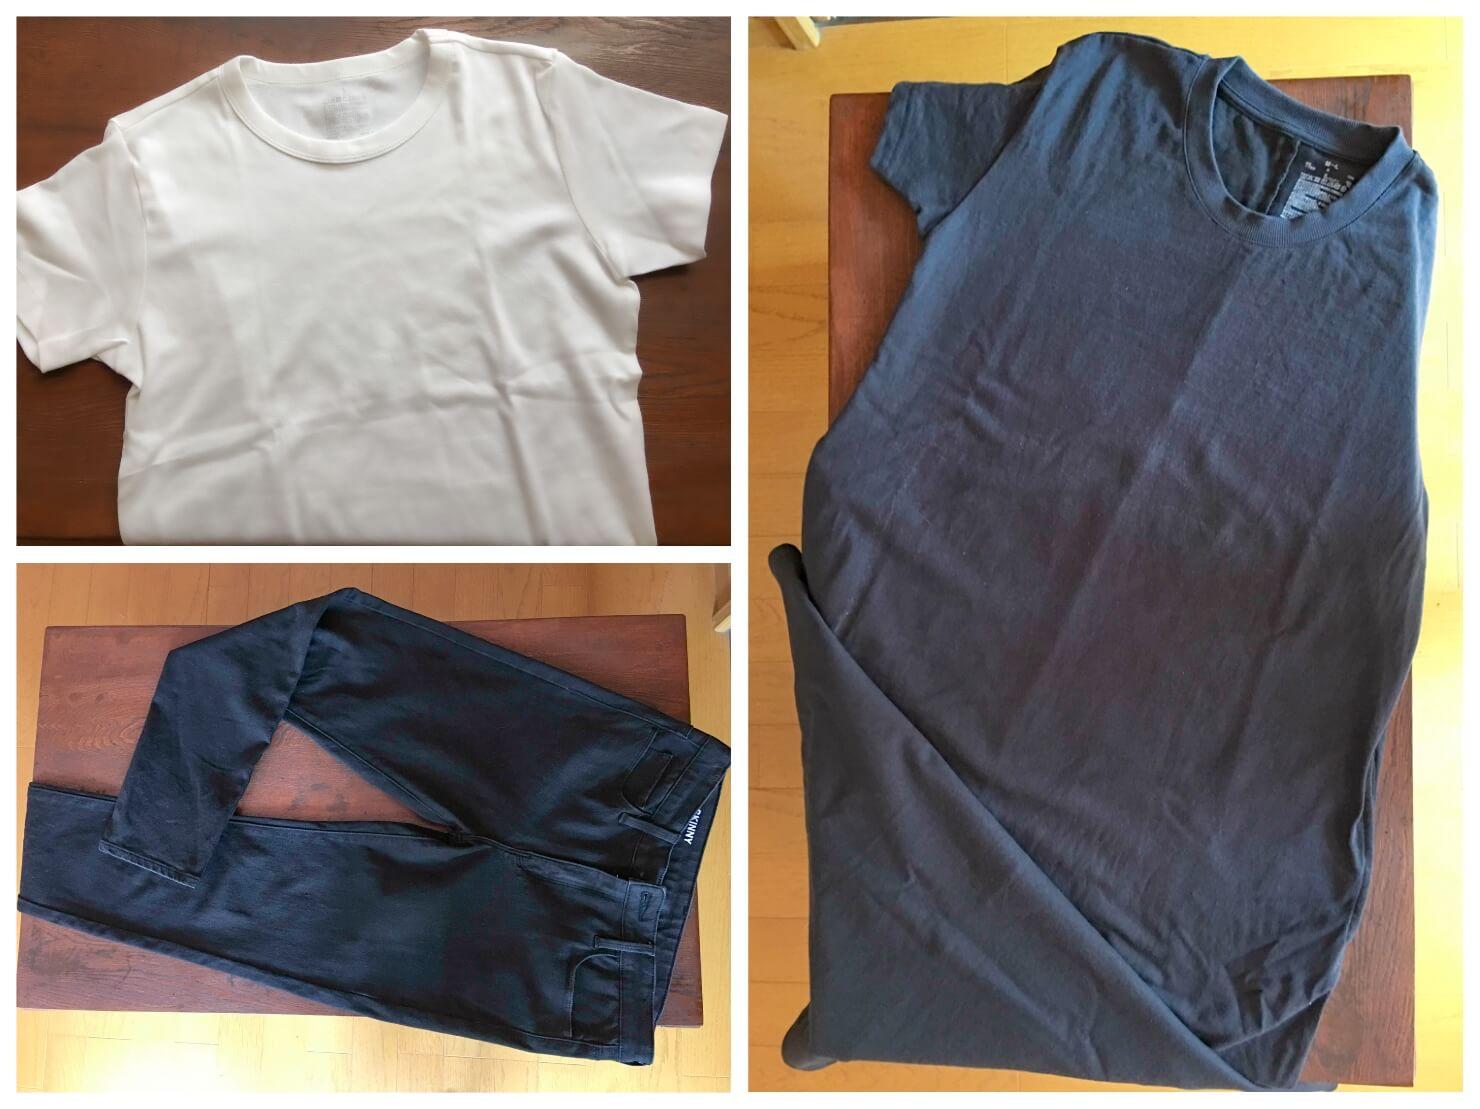 無印良品のAラインワンピース、白のTシャツ、黒のスキニーパンツの写真